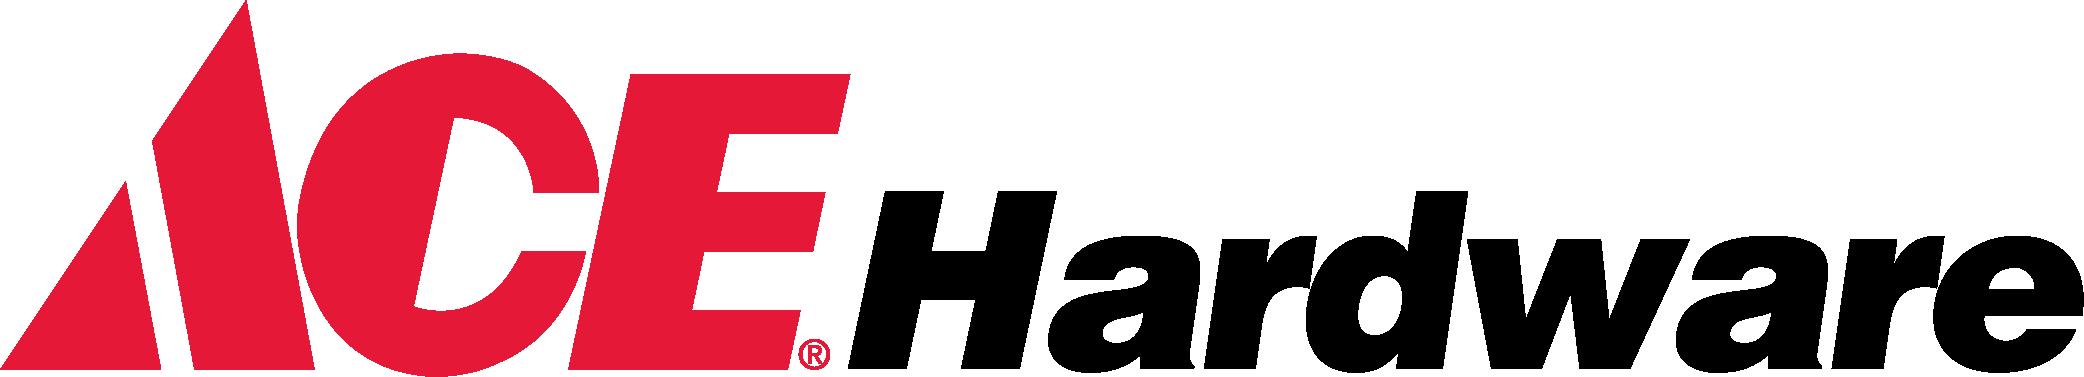 에이스하드웨어